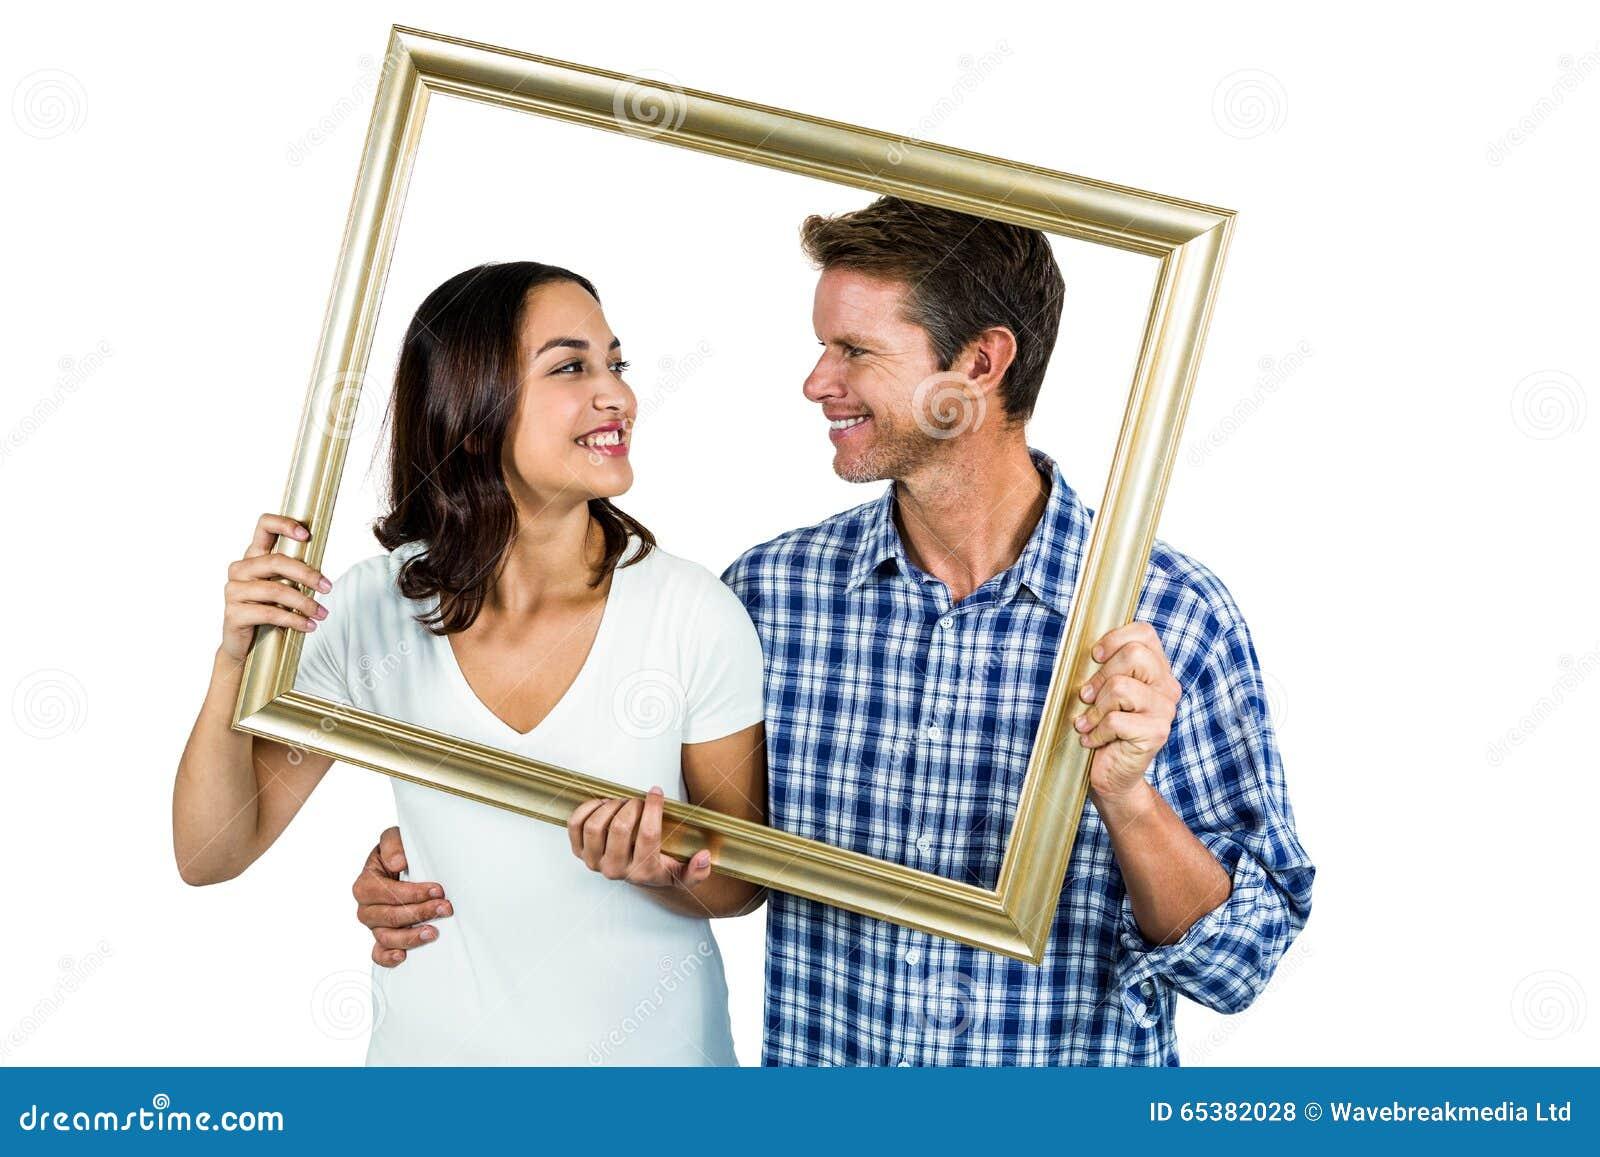 Beste Paare Bilderrahmen Fotos - Benutzerdefinierte Bilderrahmen ...